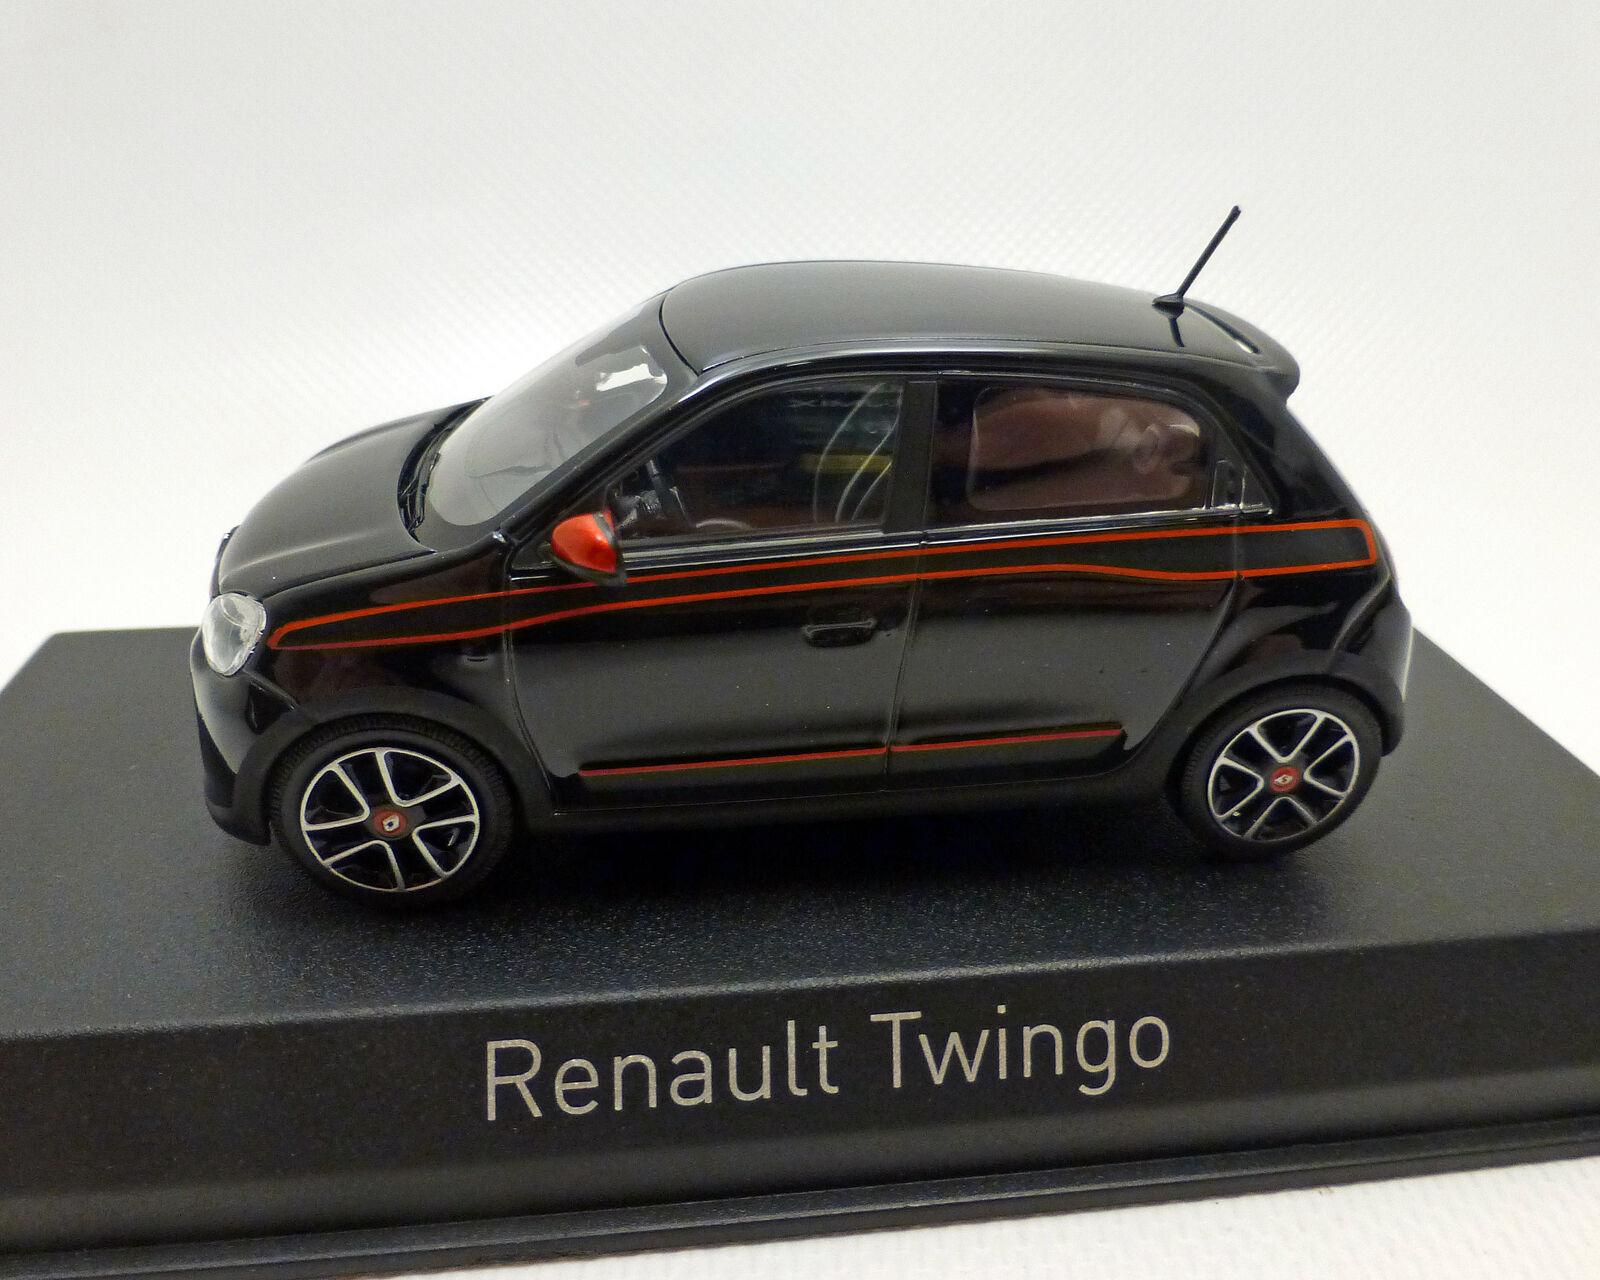 RENAULT TWINGO SL Edition One 2014, Norev, 1:43